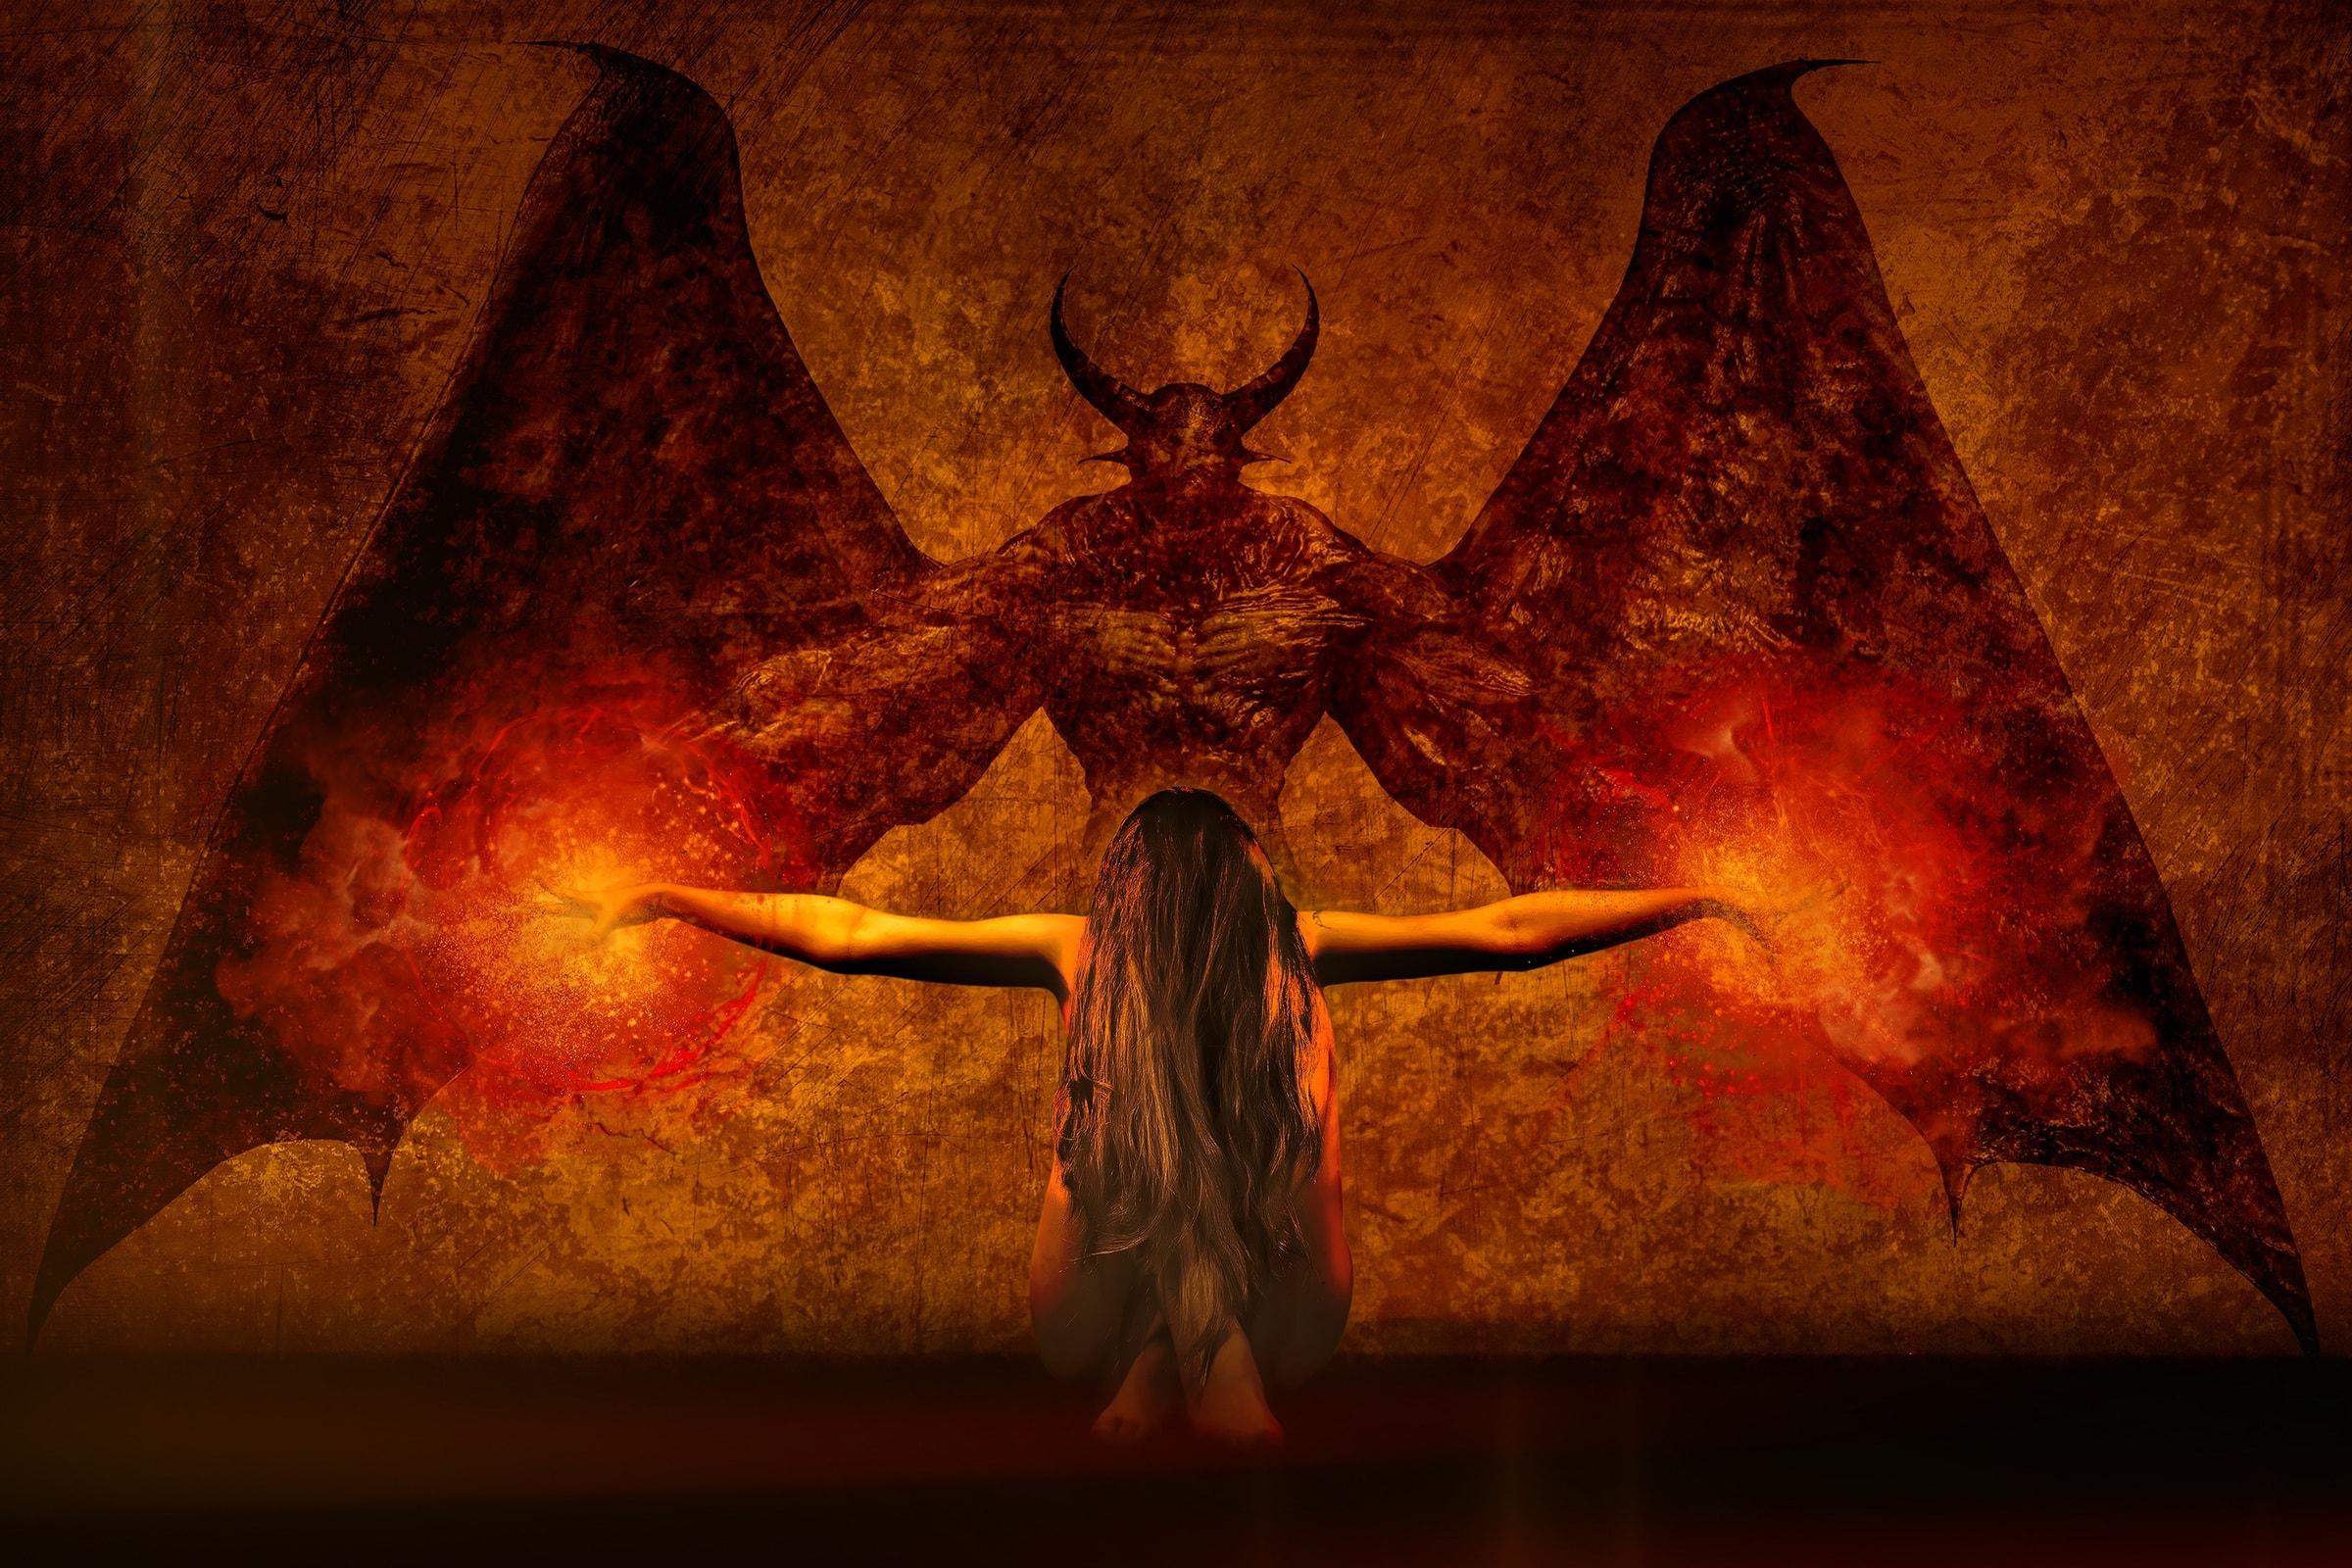 Dark Art Ritual Girl 2830 Wallpapers and Stock Photos 2400x1600